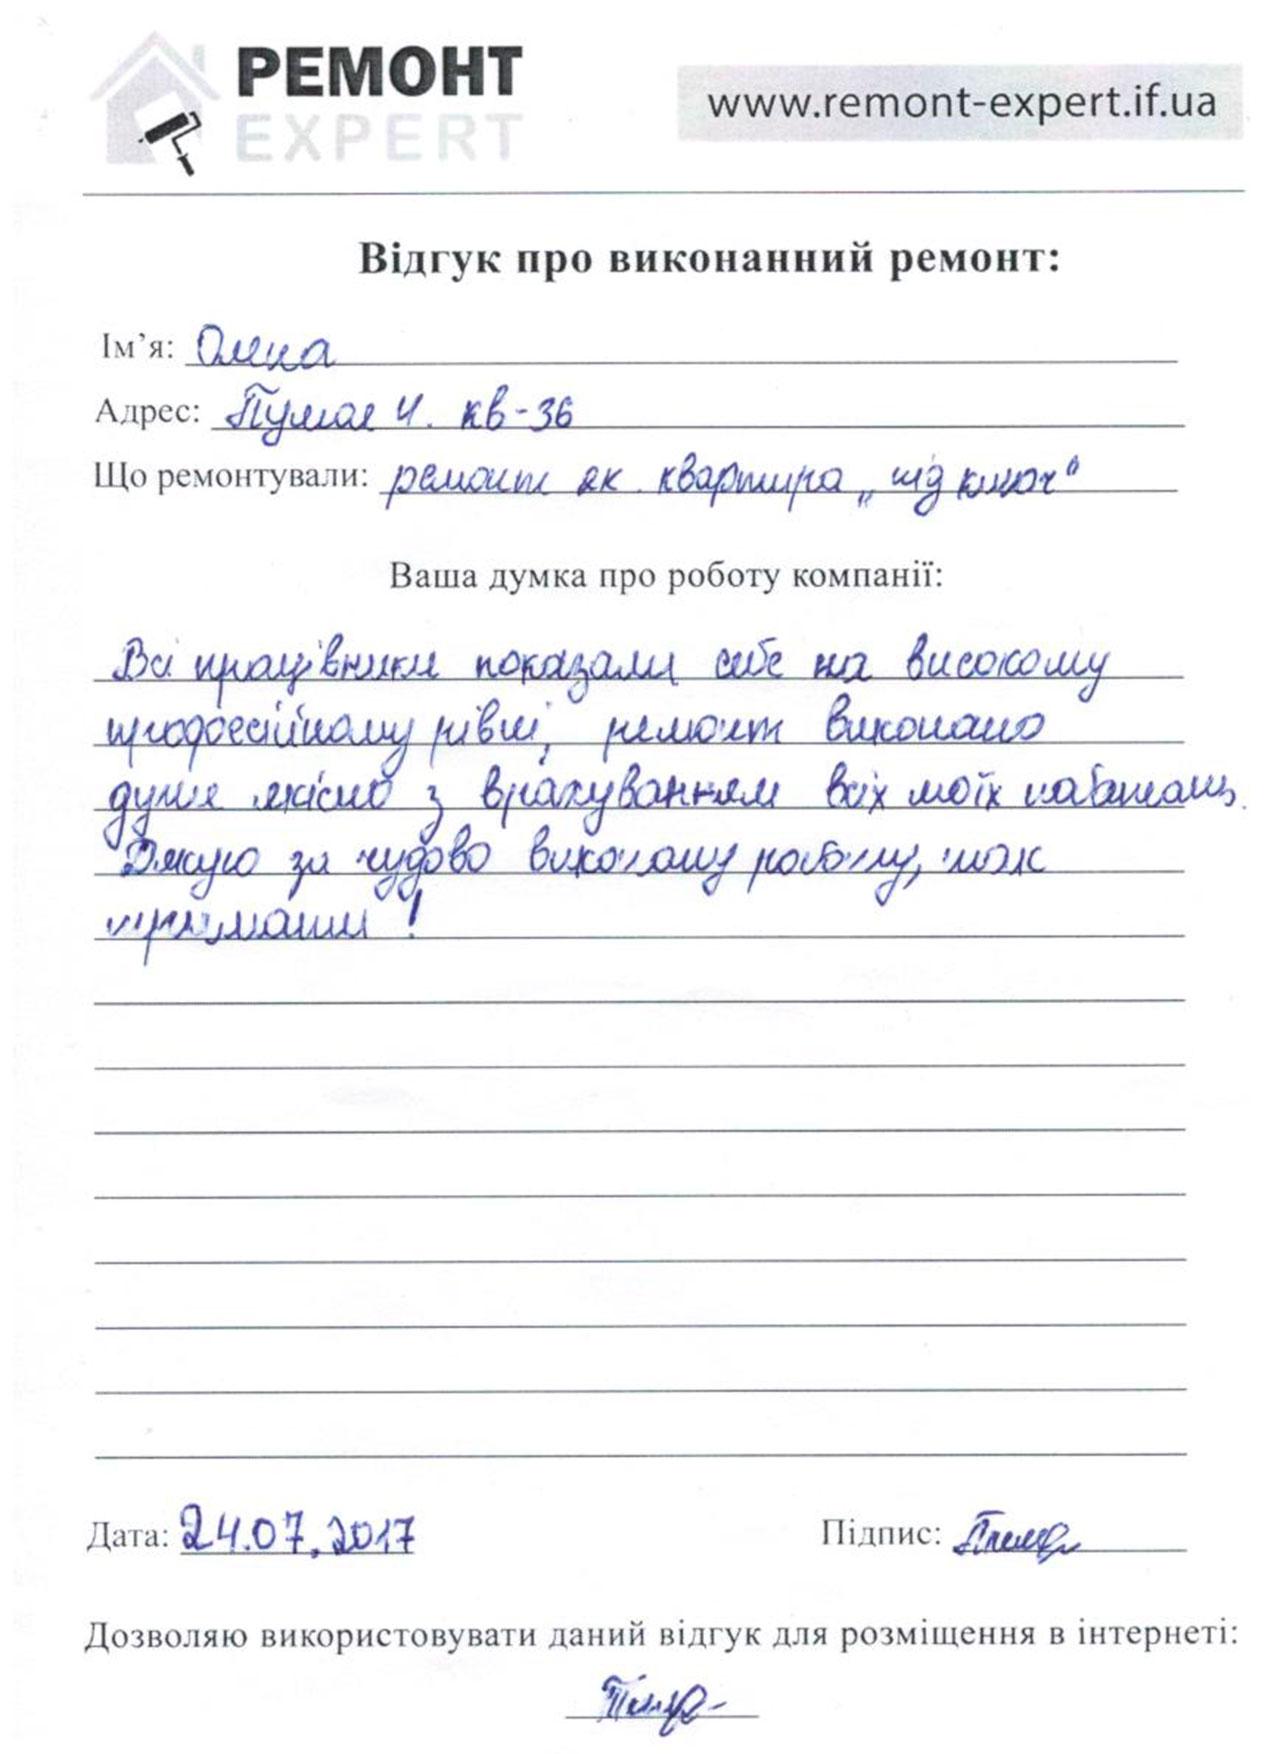 Ремонт квартири в Івано-Франківську по вул. Пулюя 4